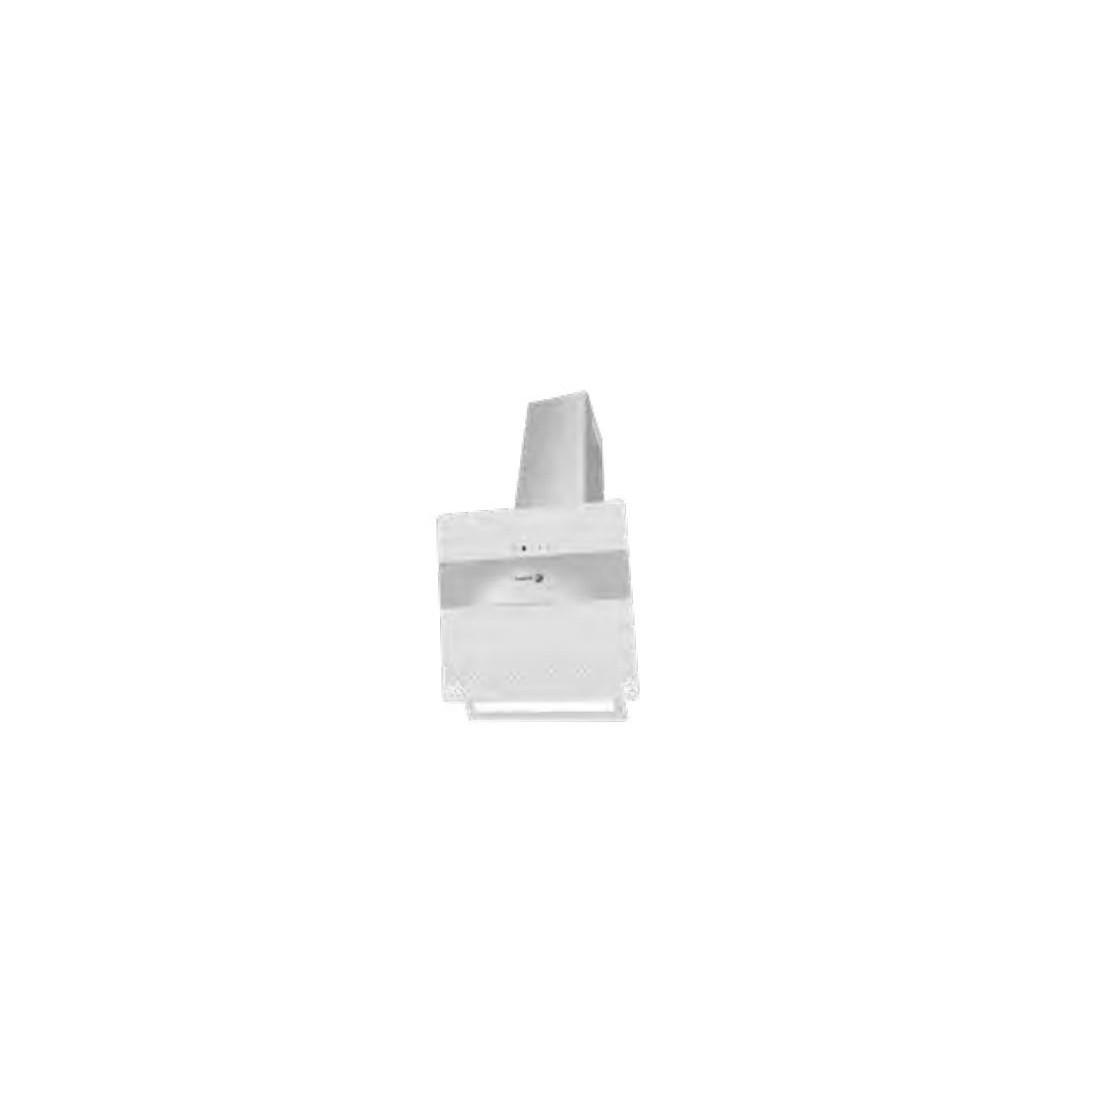 Campana Decorativa - Fagor 3CFT-610B, Eficiencia A, Acero Inoxidable y blanco, Inclinada